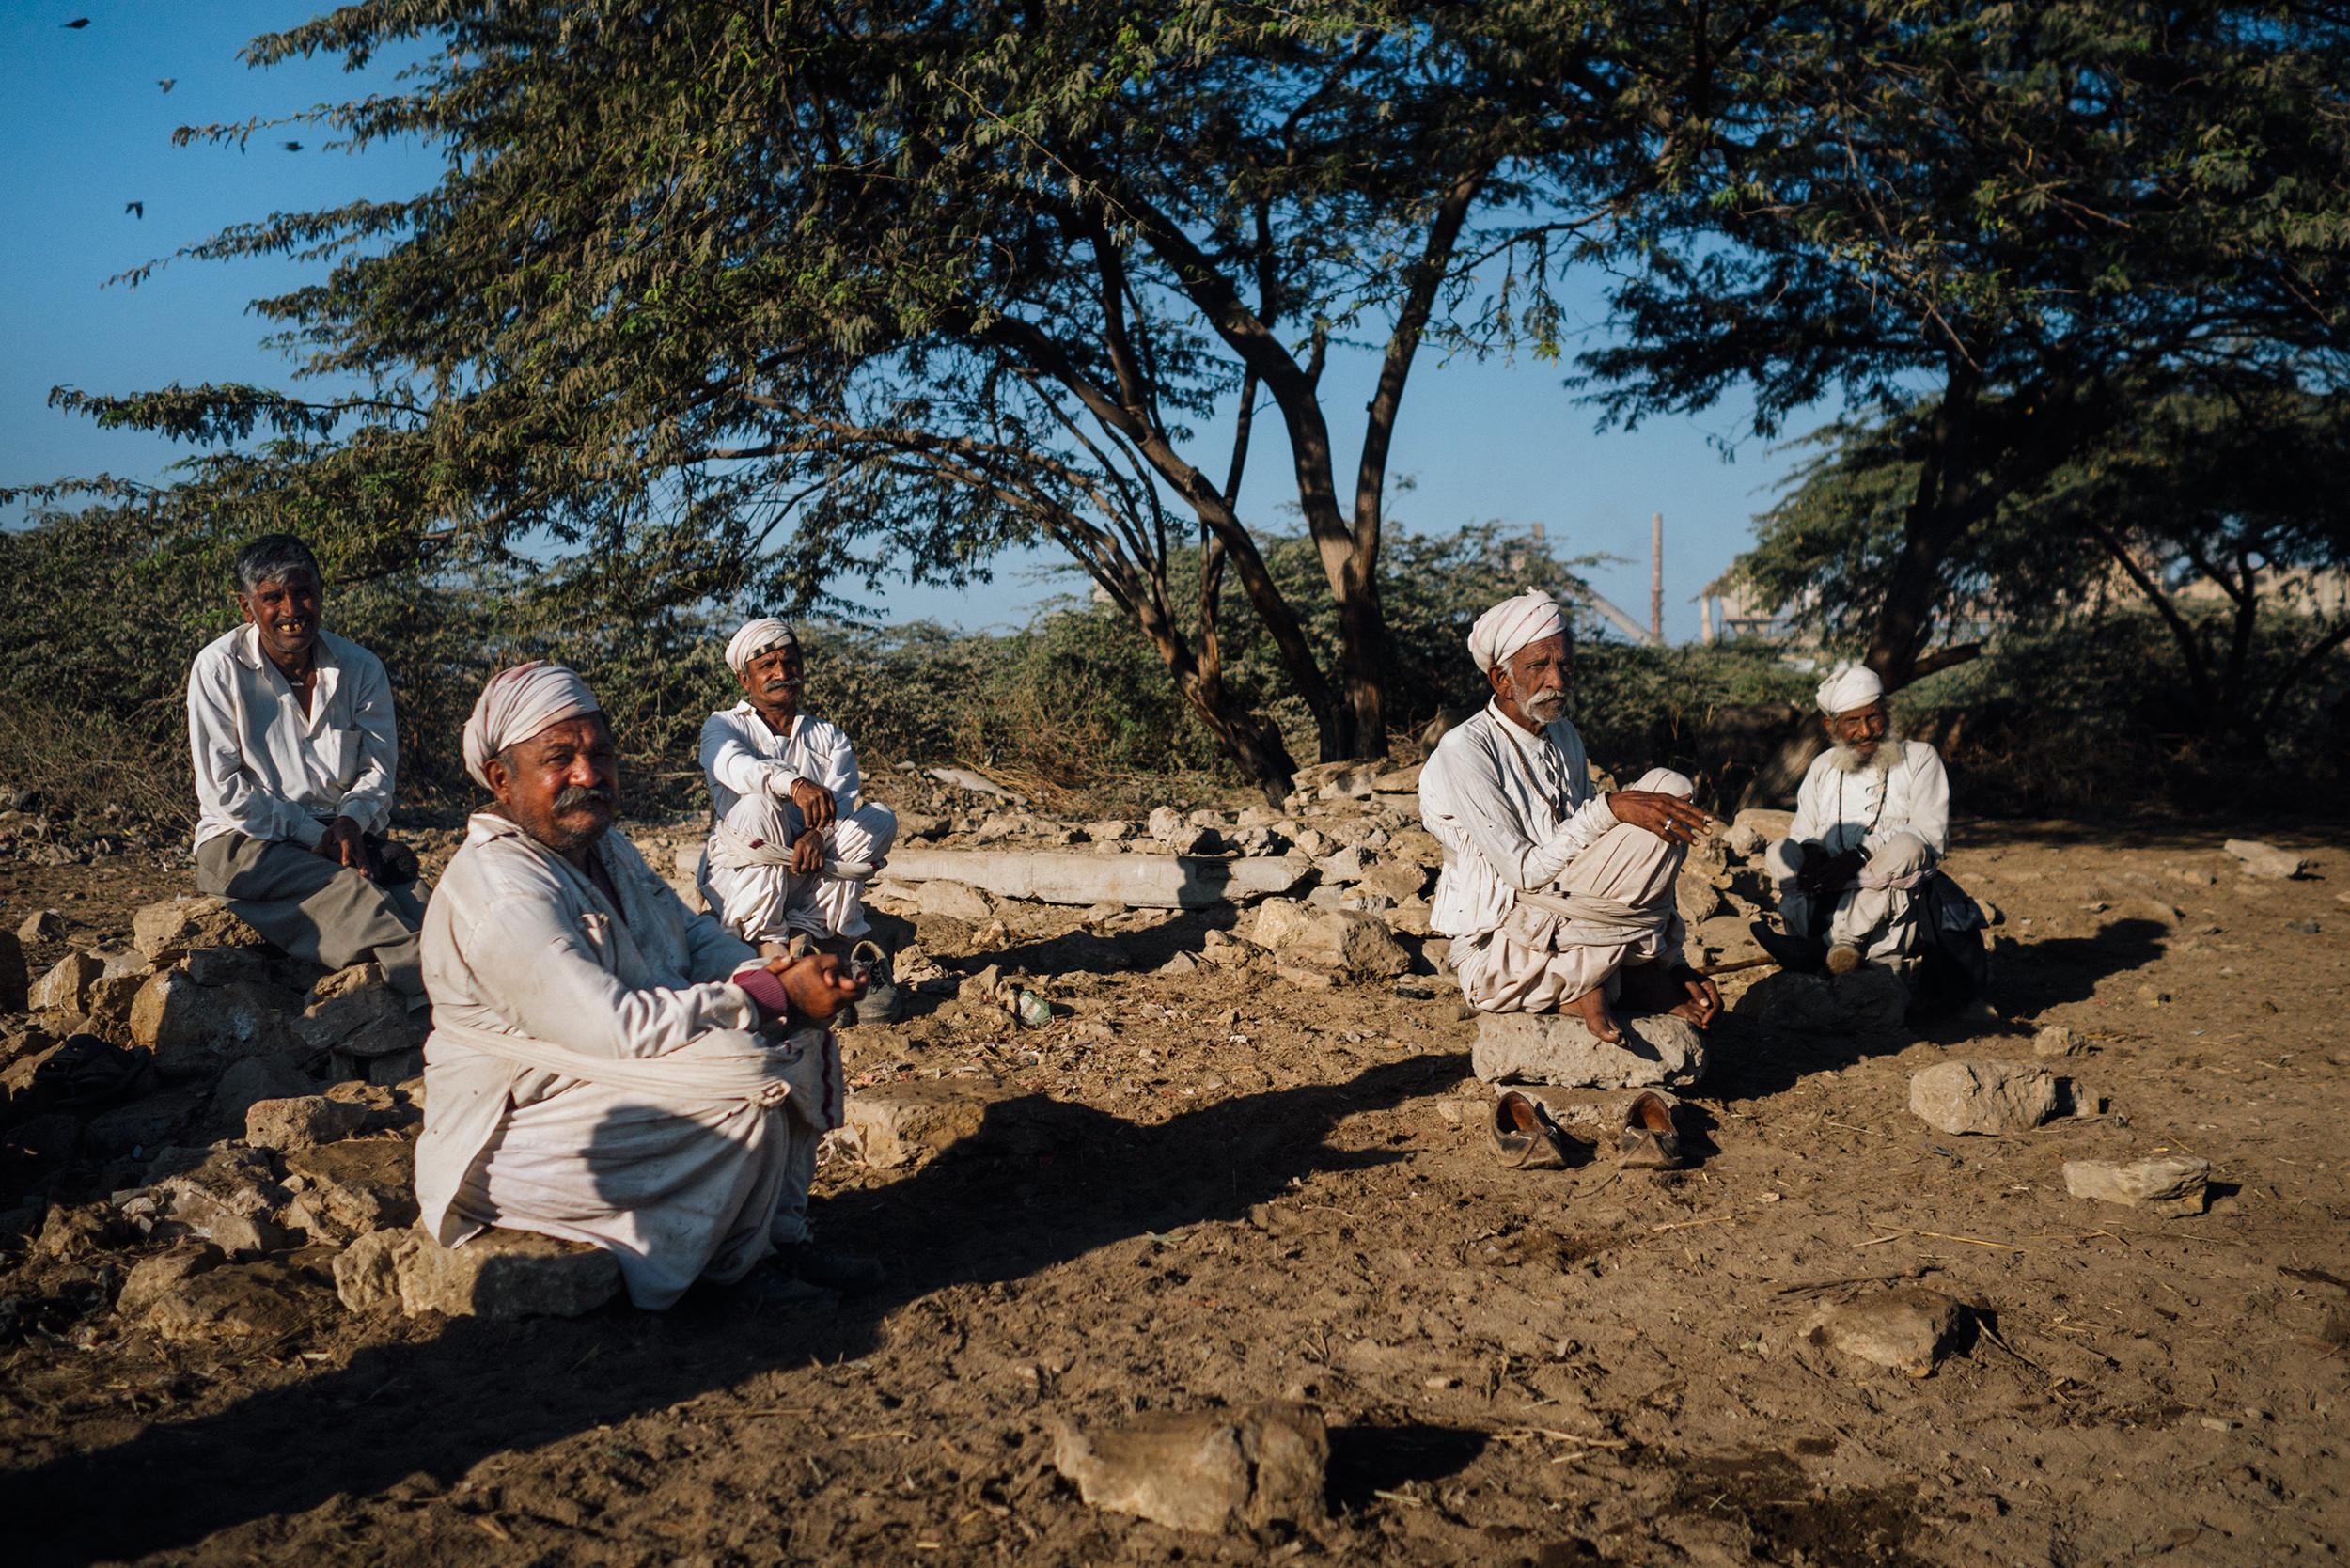 Village men sitting around